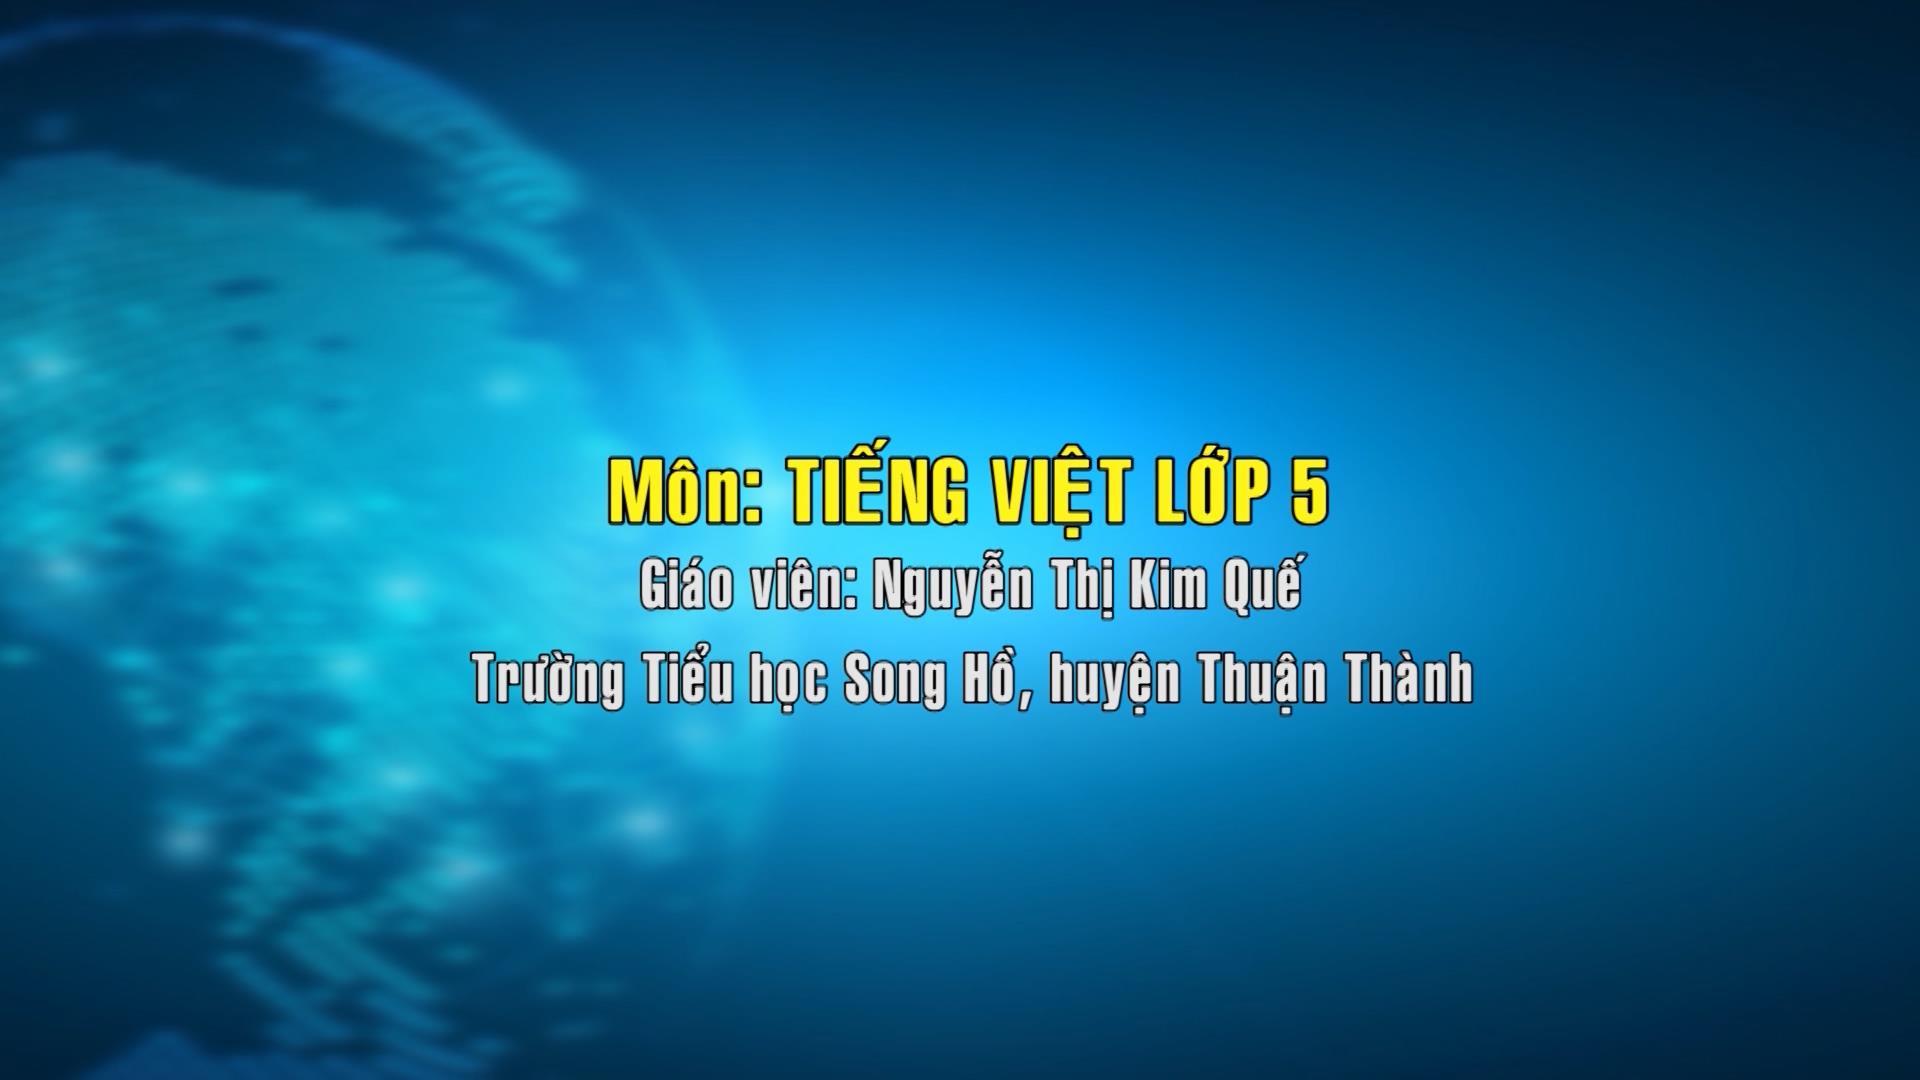 Tiếng Việt lớp 5 sô 16